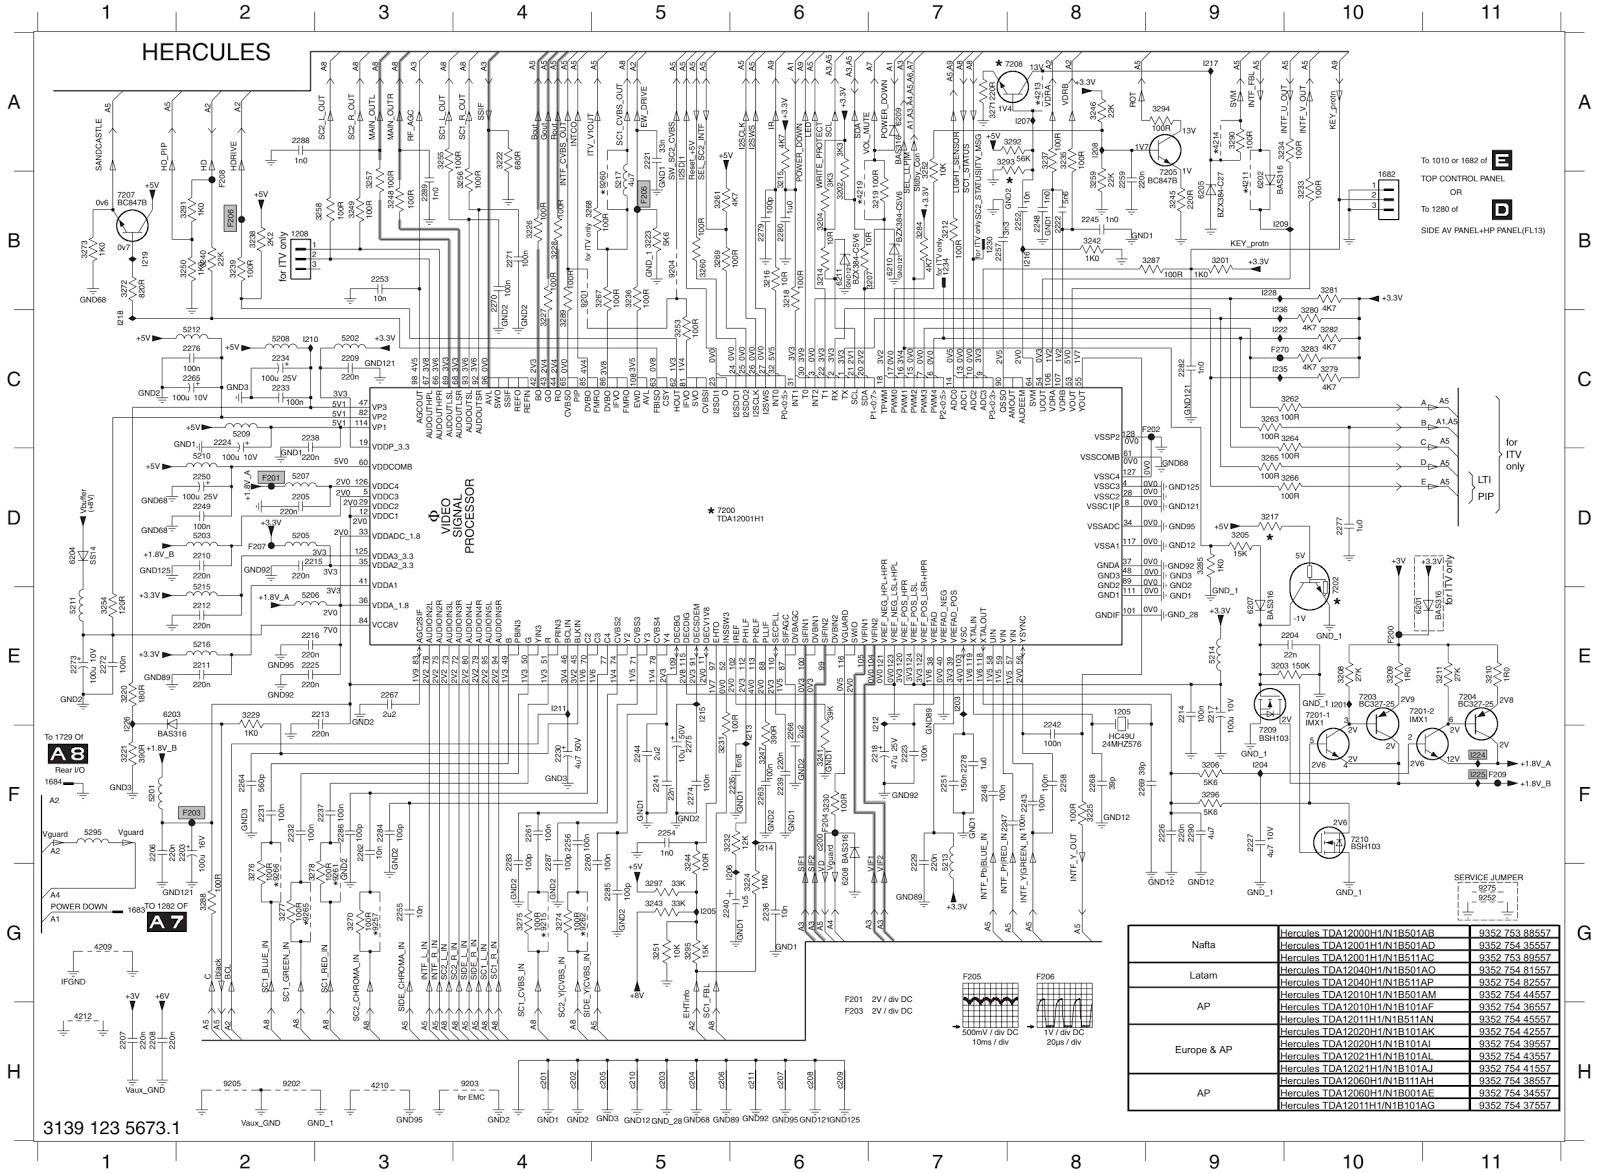 Limitorque L120 40 Wiring Diagrams 17 499 0001 3 Diagram Schematic Nordstrom Schematics On